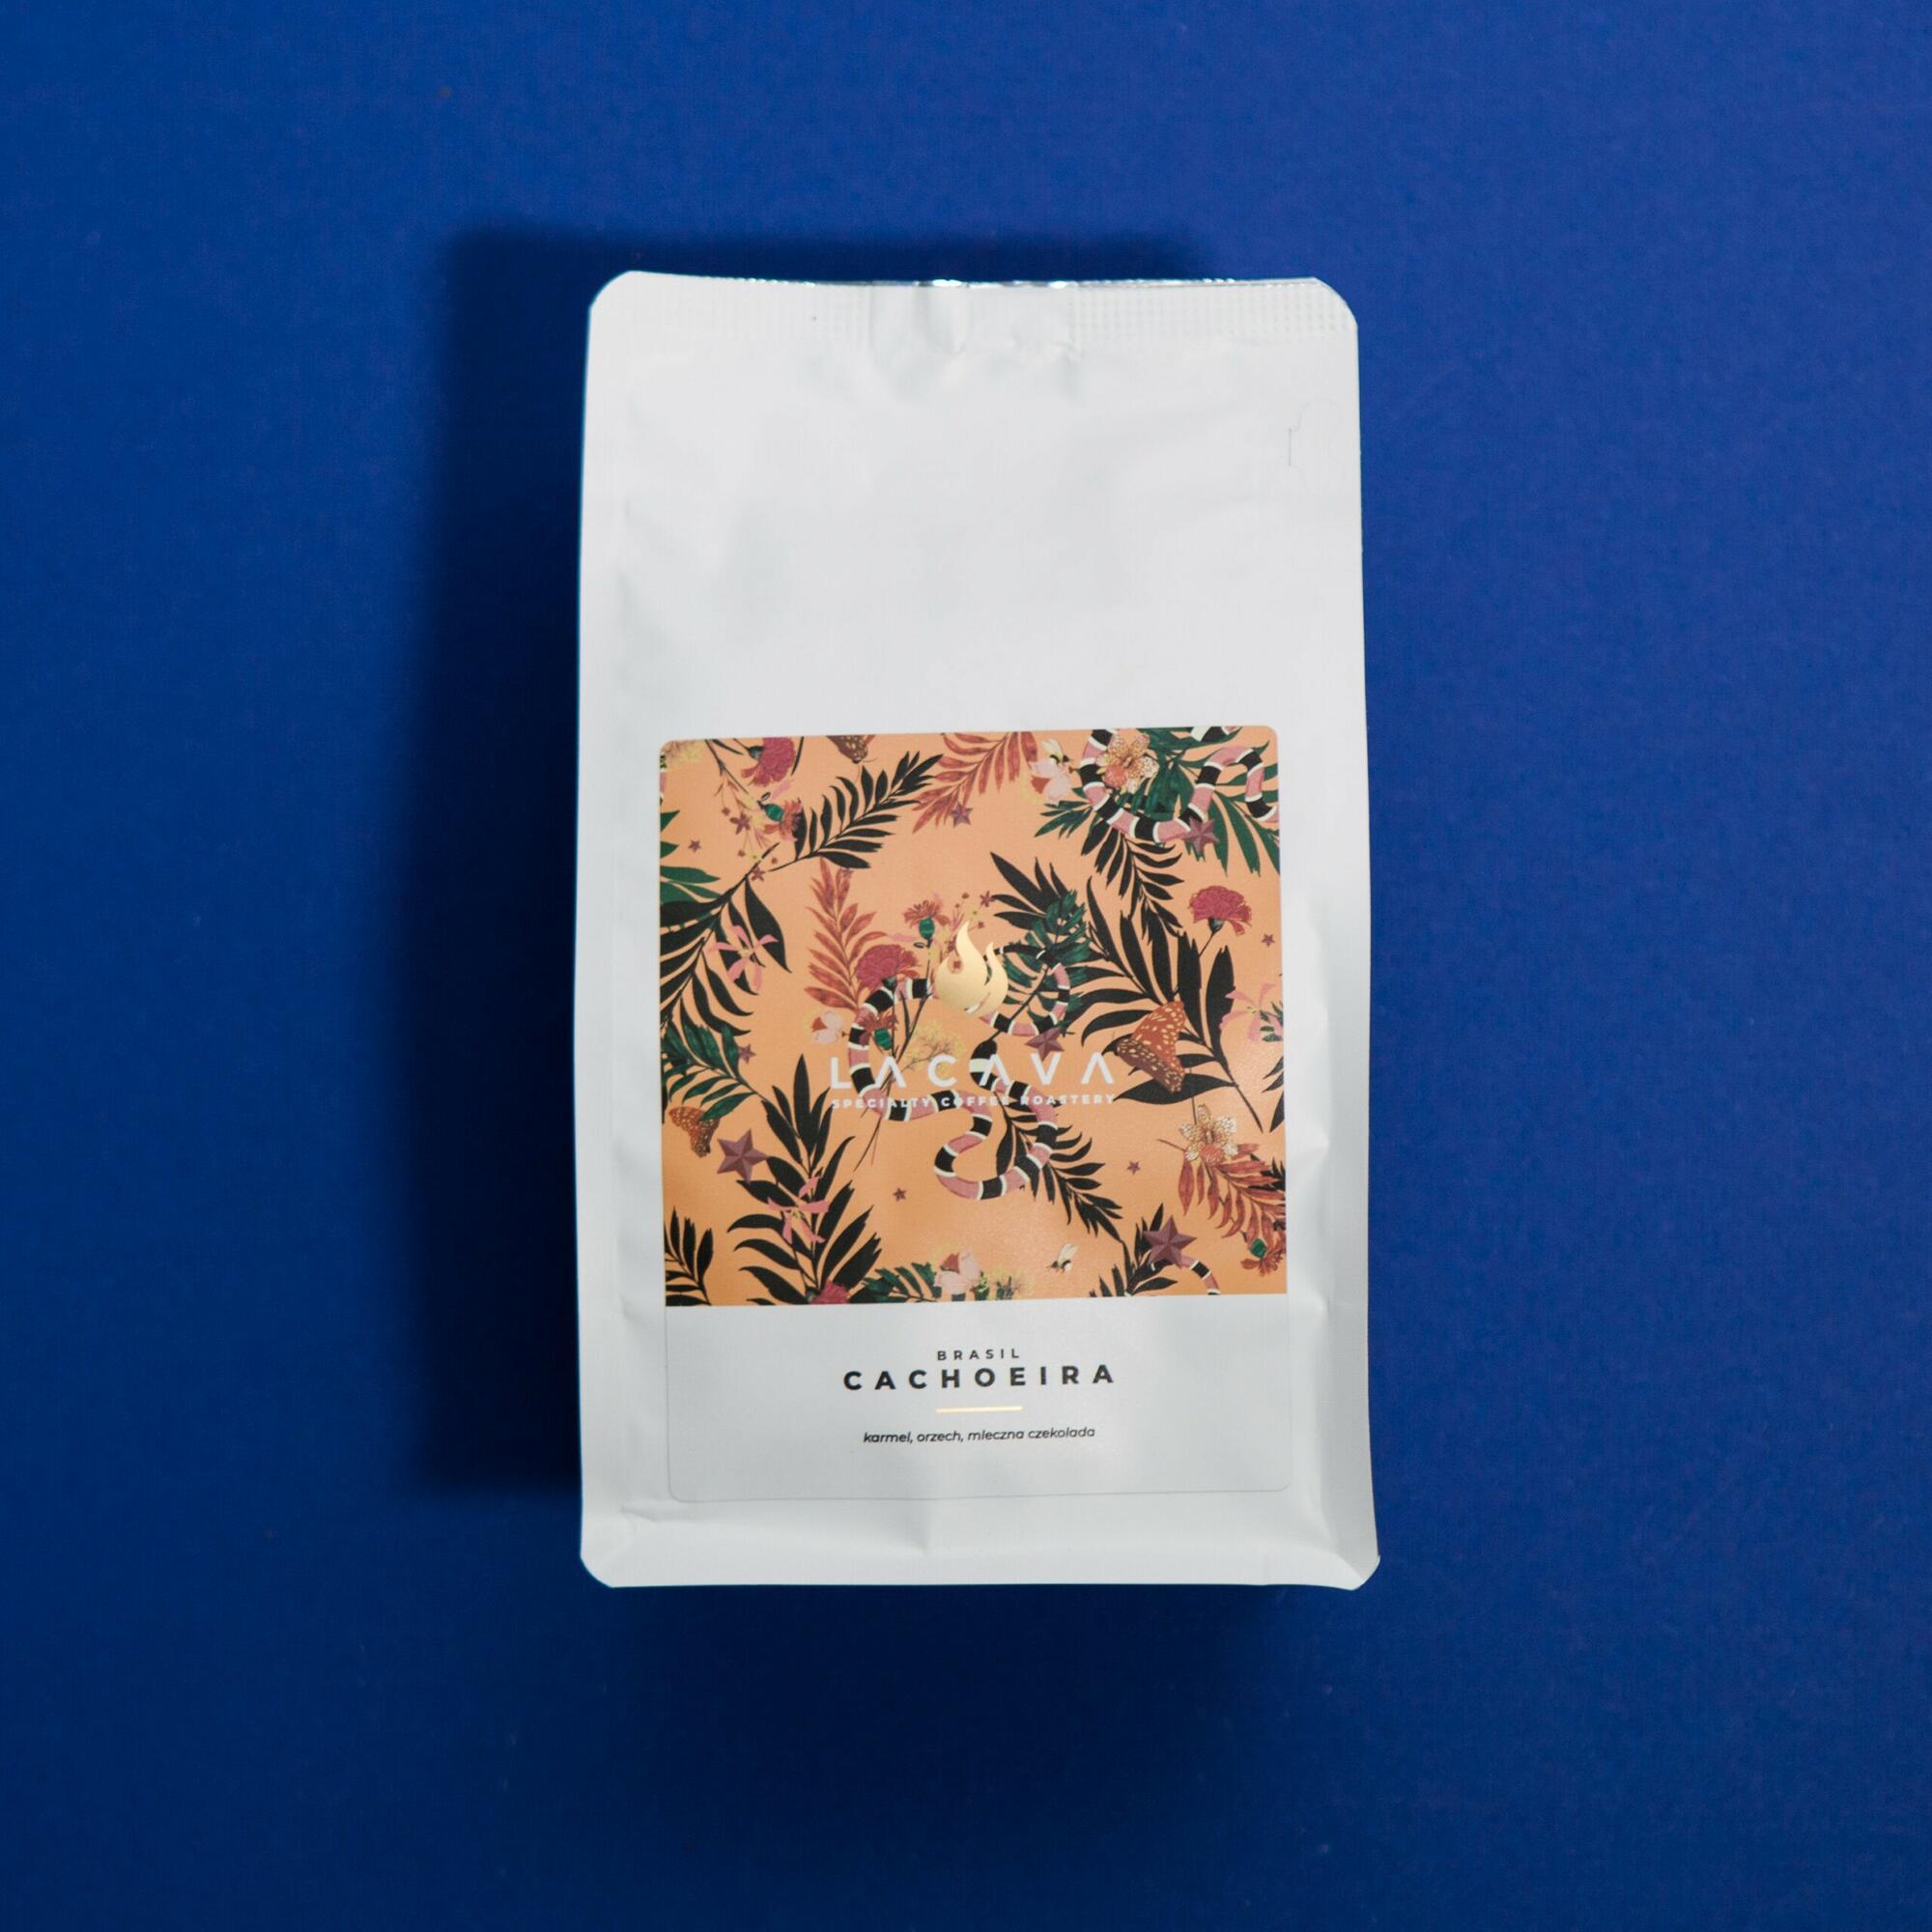 LaCava Fazenda Caocheira 250g - Coffee Gang | JestemSlow.pl